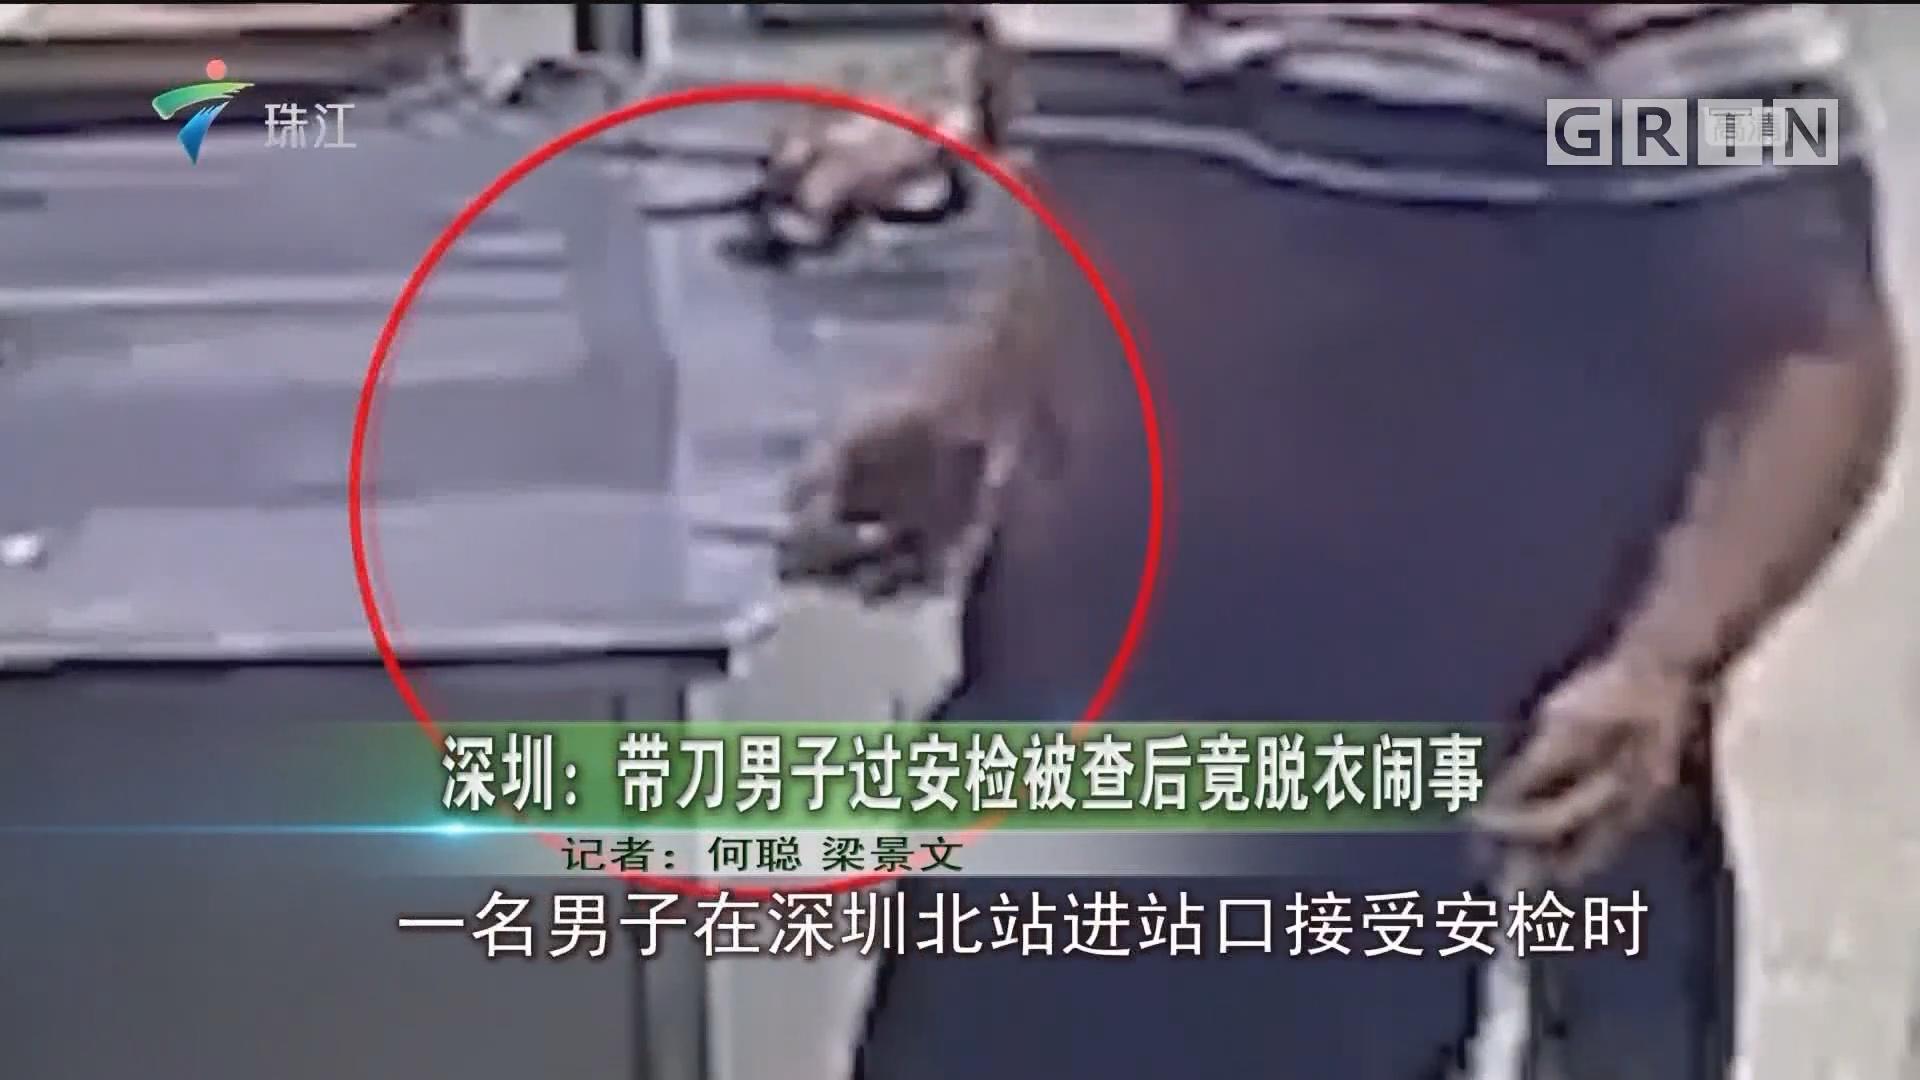 深圳:带刀男子过安检被查后竟脱衣闹事